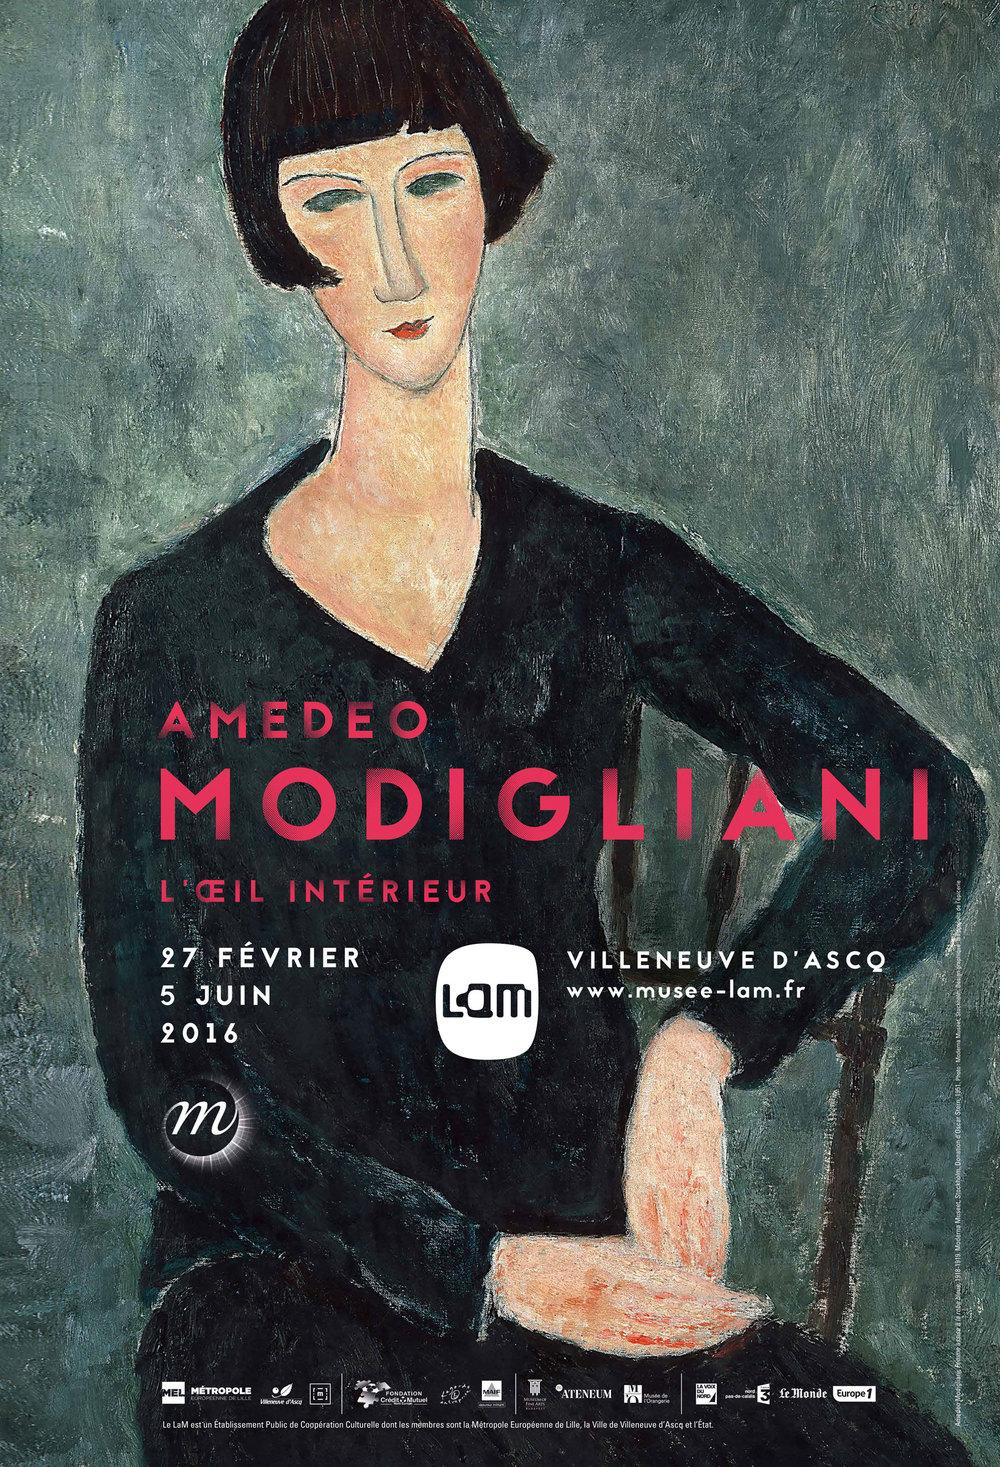 Affiche van de expo L'œil intérieur in het LaM. Nog tot 5 juni!